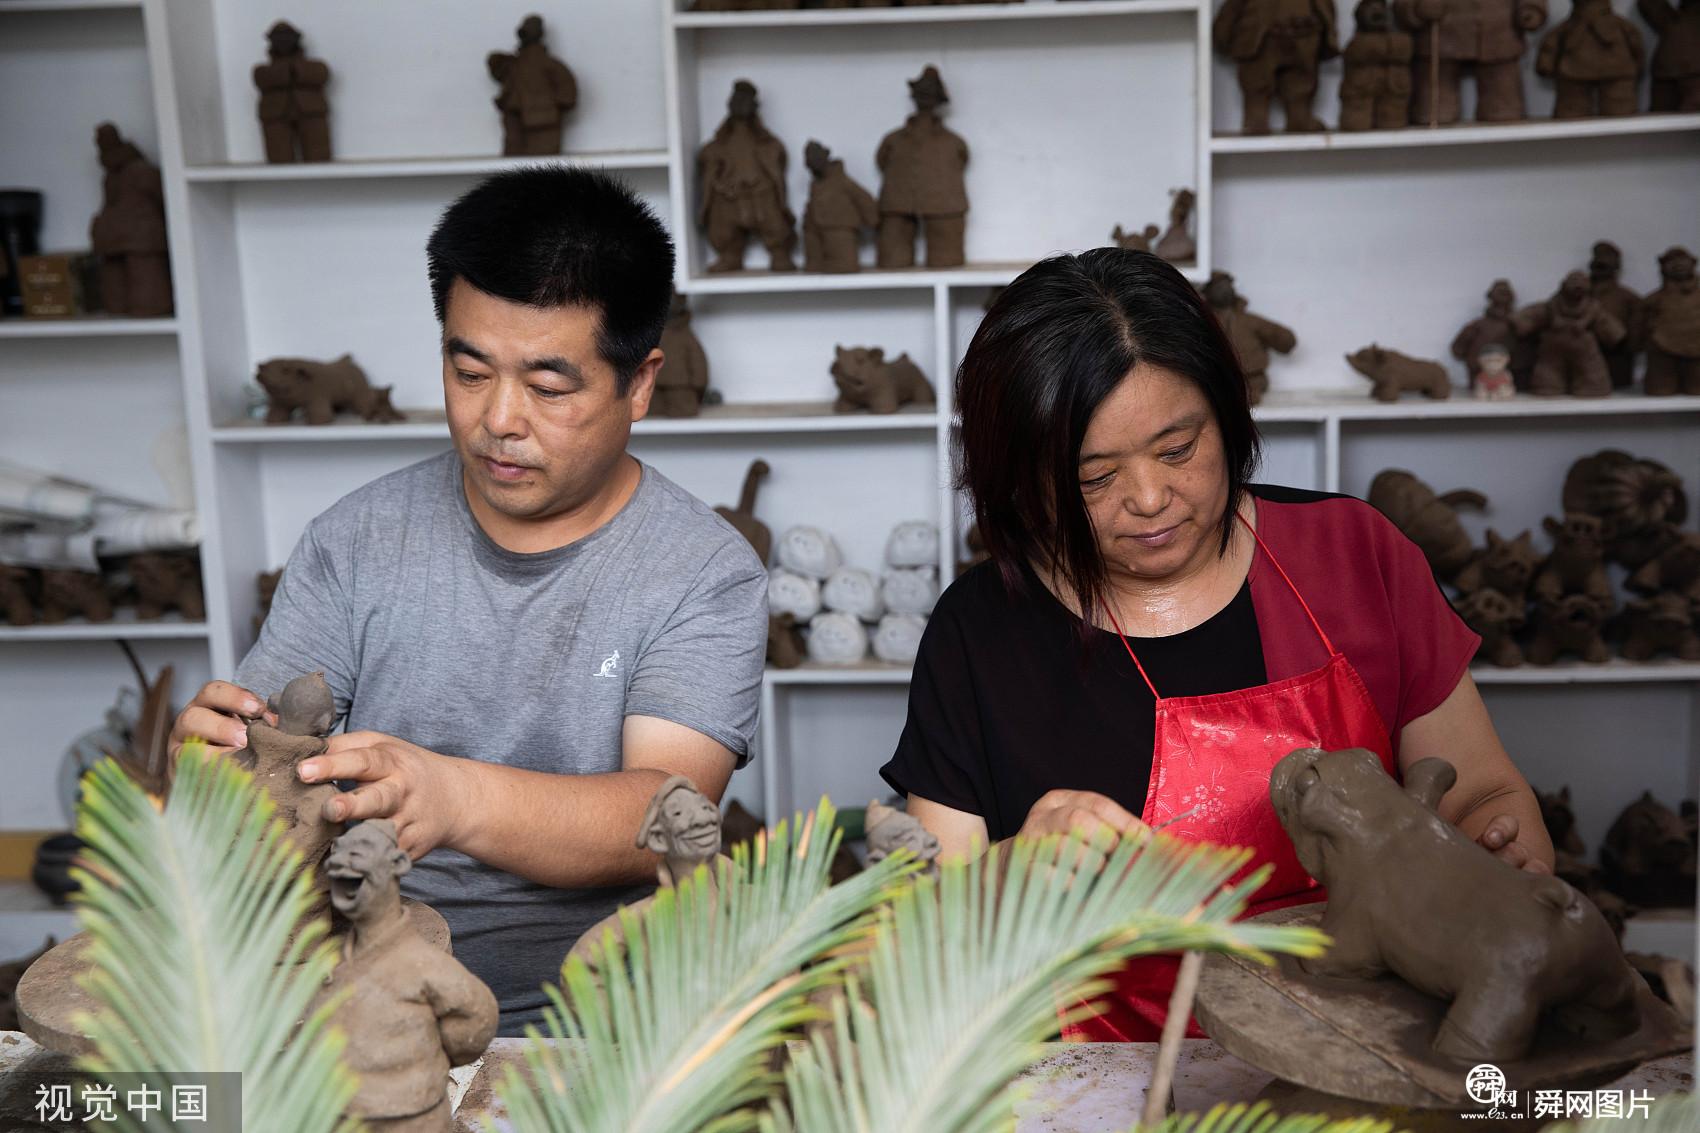 山东青岛:泥塑夫妻传承乡土手艺 一只泥猪价格赛过真猪